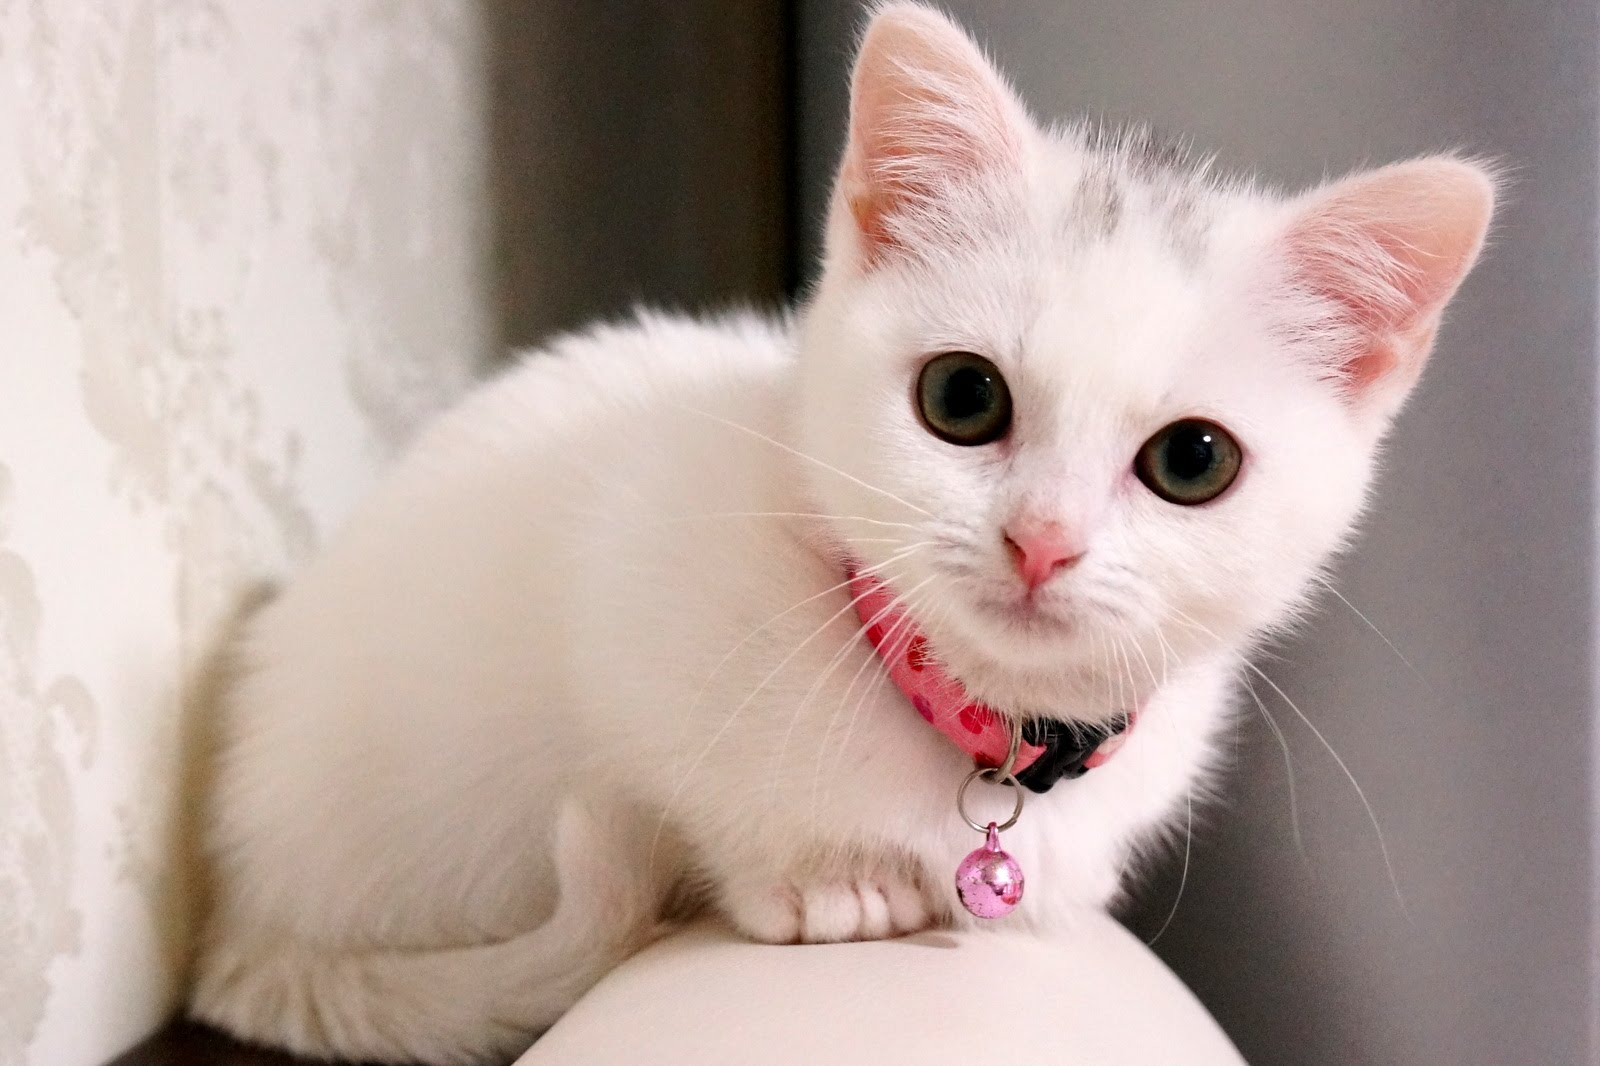 美人すぎる真っ白な子猫のごはんください攻撃